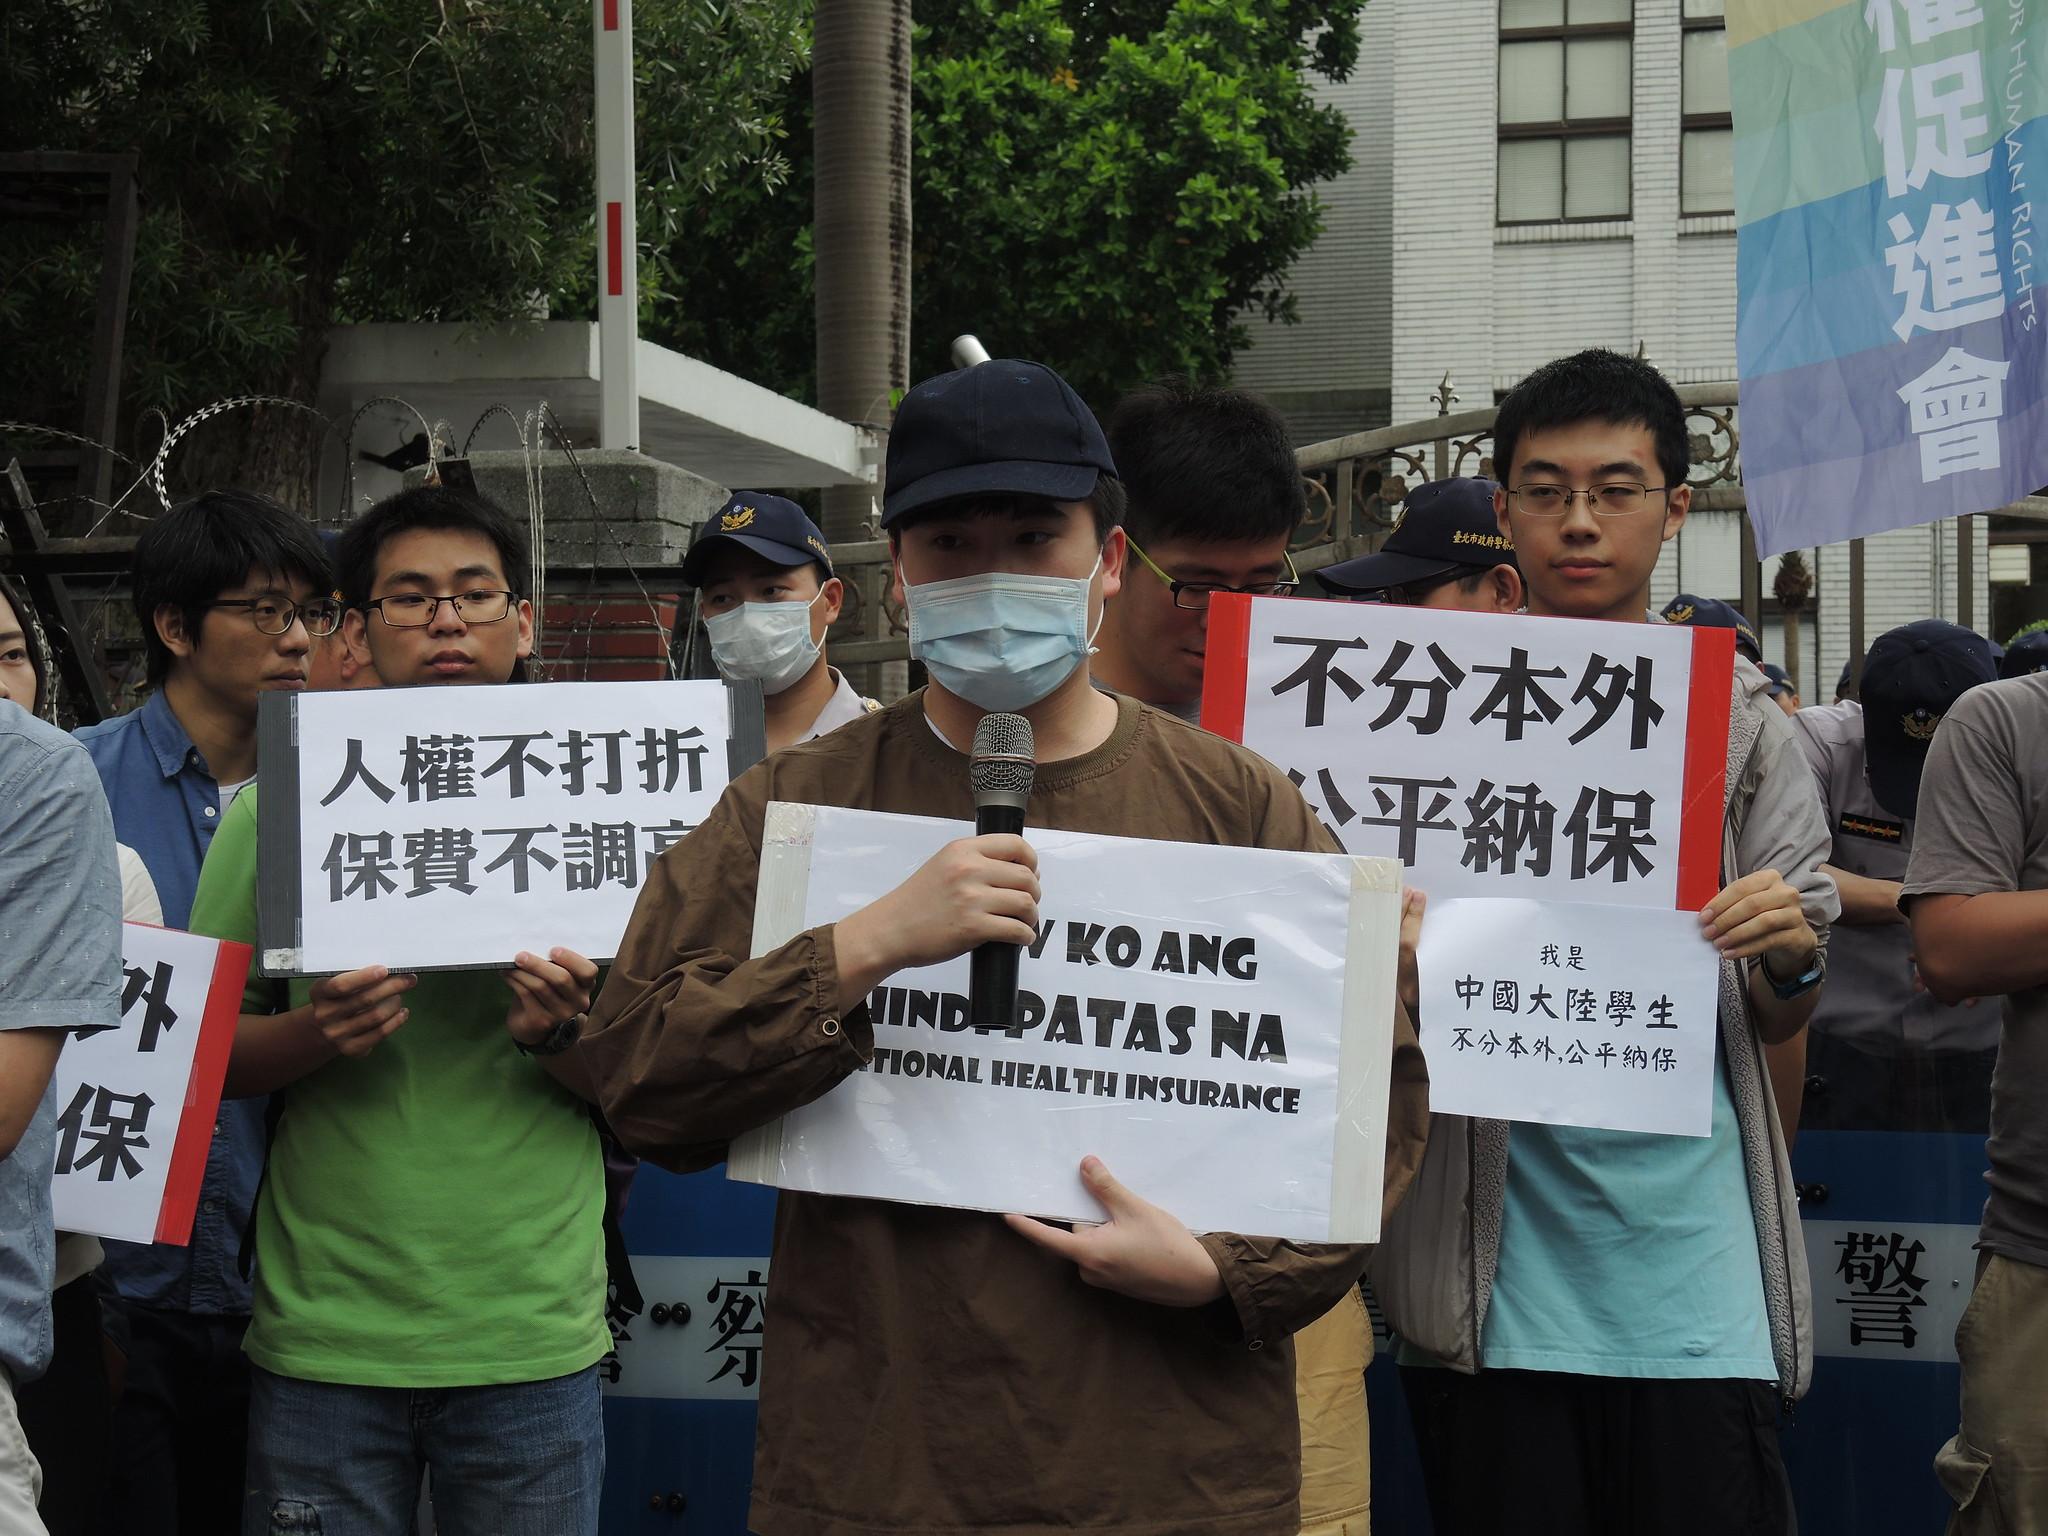 世新大學菲律賓外籍生Lucio.S.Manongtong呼籲,來到這裡就是希望台灣政府可以保障所有外籍生的權益,「Laban!Laban!Laban!」(加油!加油!加油!)。(攝影:曾福全)